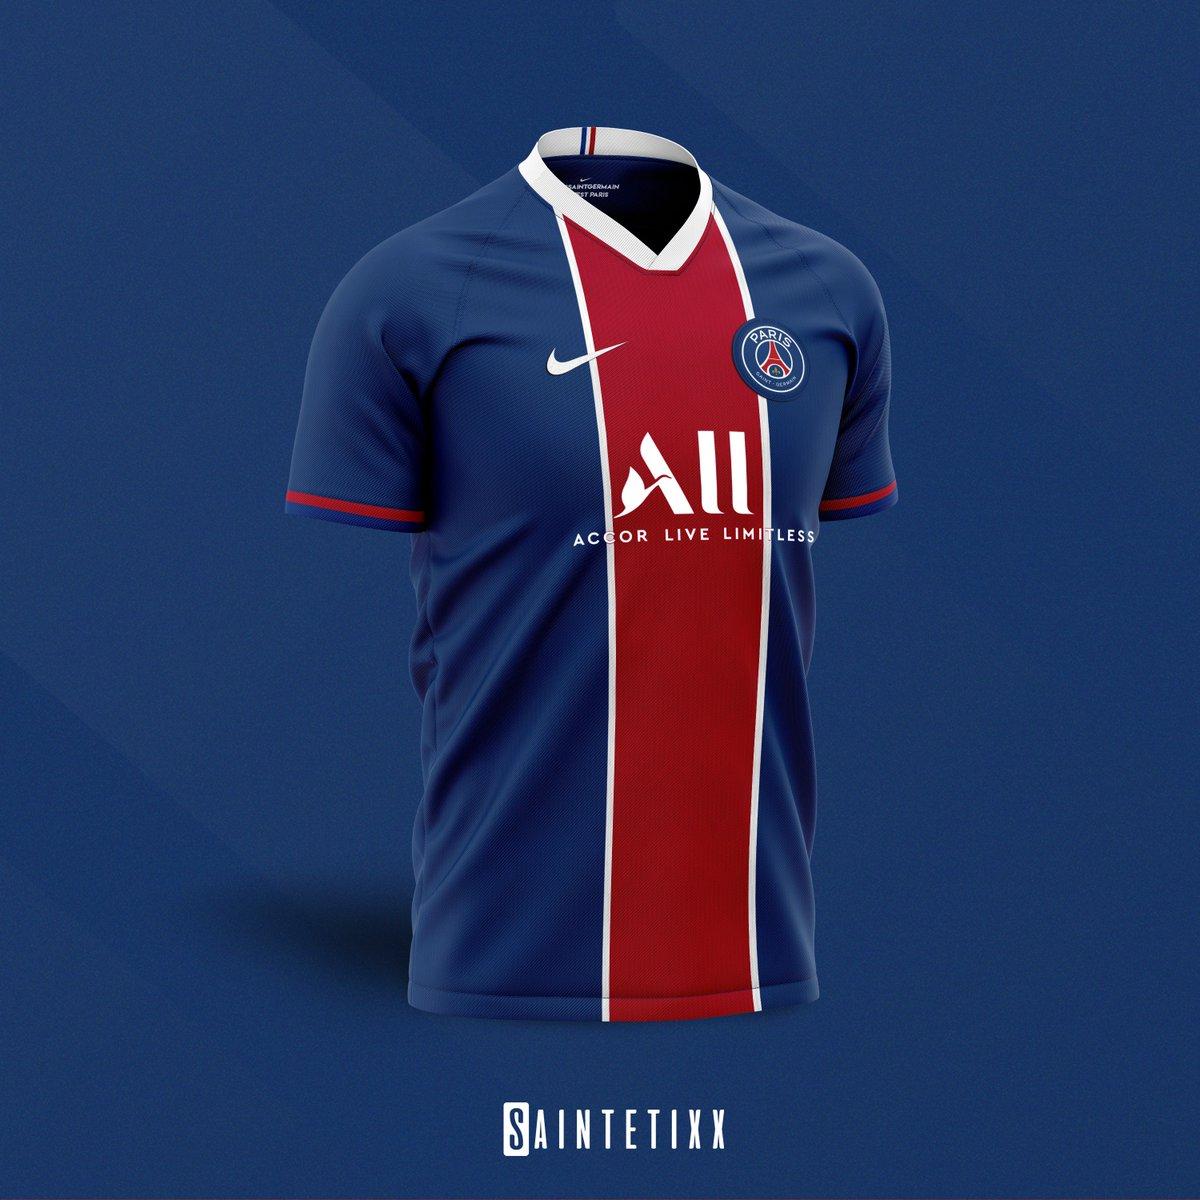 641617d3888 Paris-Saint-Germain x Nike - Concept . #Paris #PSG #ParisSG #Neymar #Mbappé  #Cavanipic.twitter.com/UgWMuVB1Dt